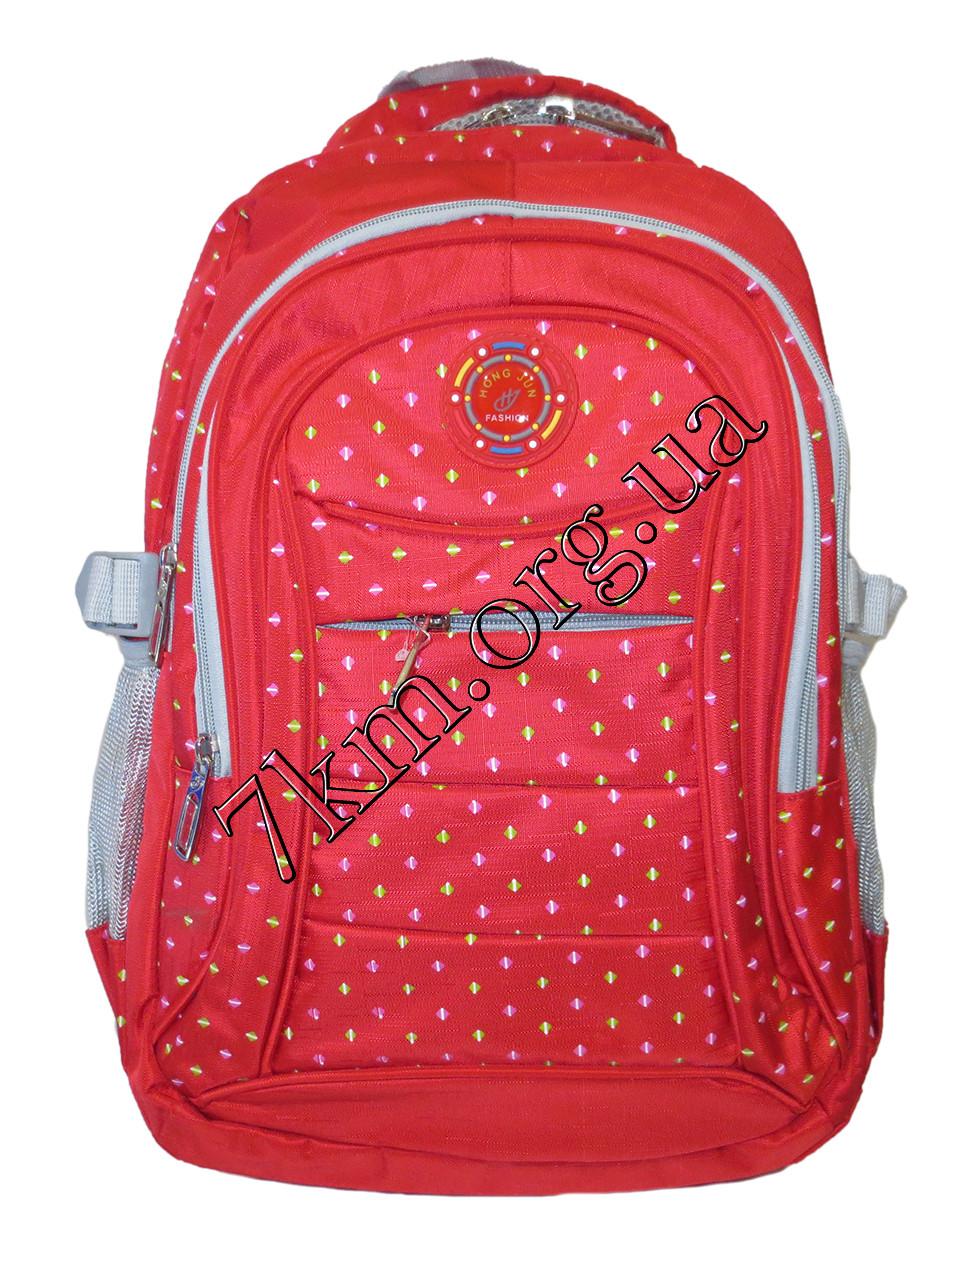 """Школьный рюкзак для девочек красный """"Hong Jun Fashion"""" Вьетнам (45х30см.)"""